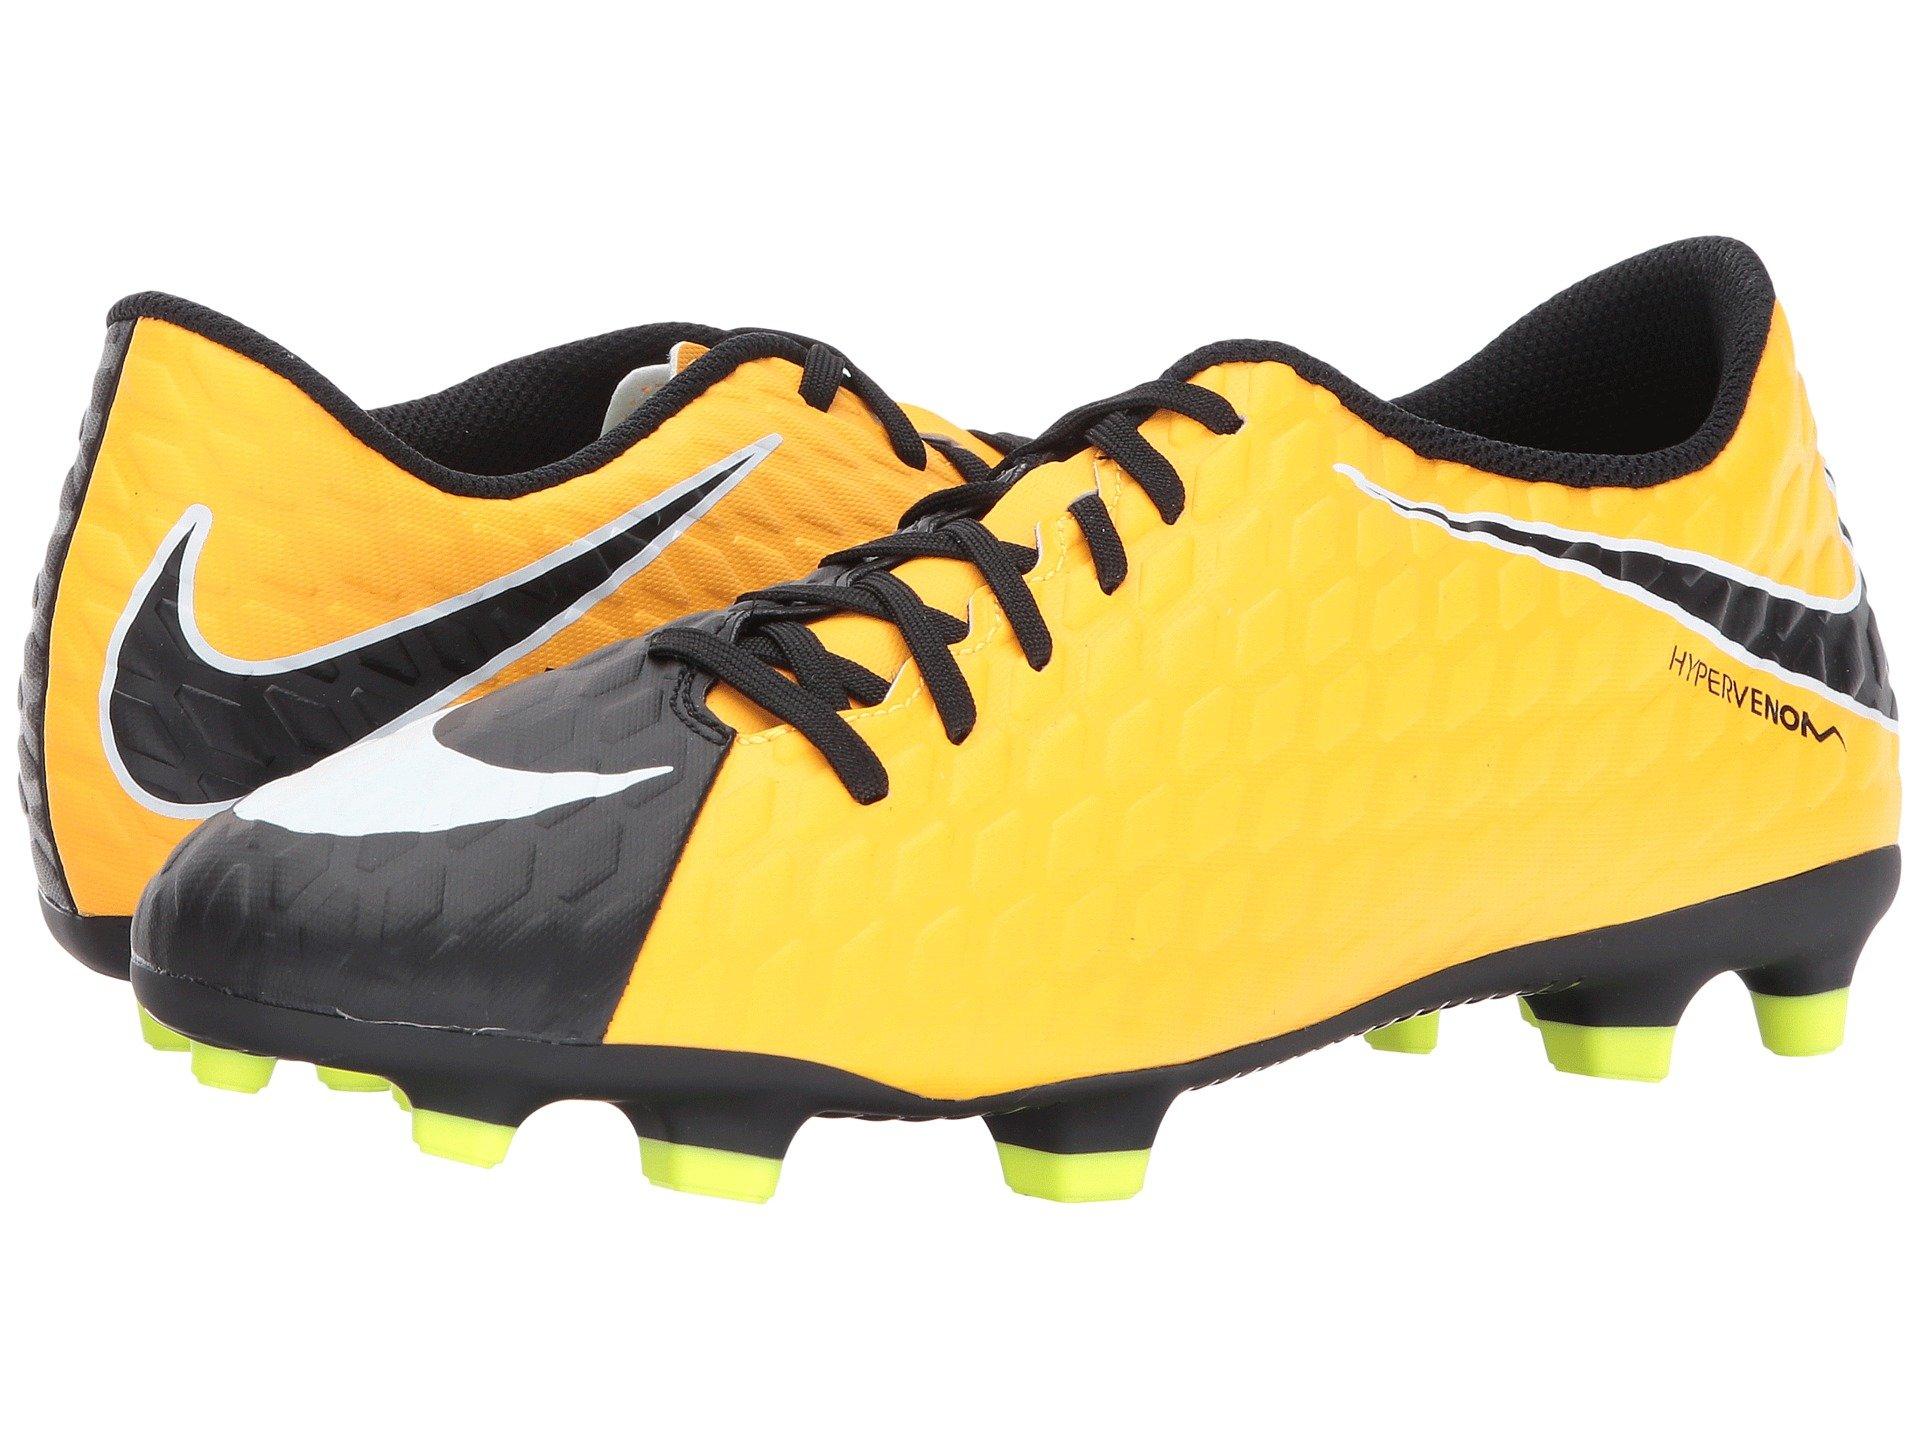 Nike Hypervenom Phade Ii Fg In Laser Orange White Black Volt ... 33768d321a